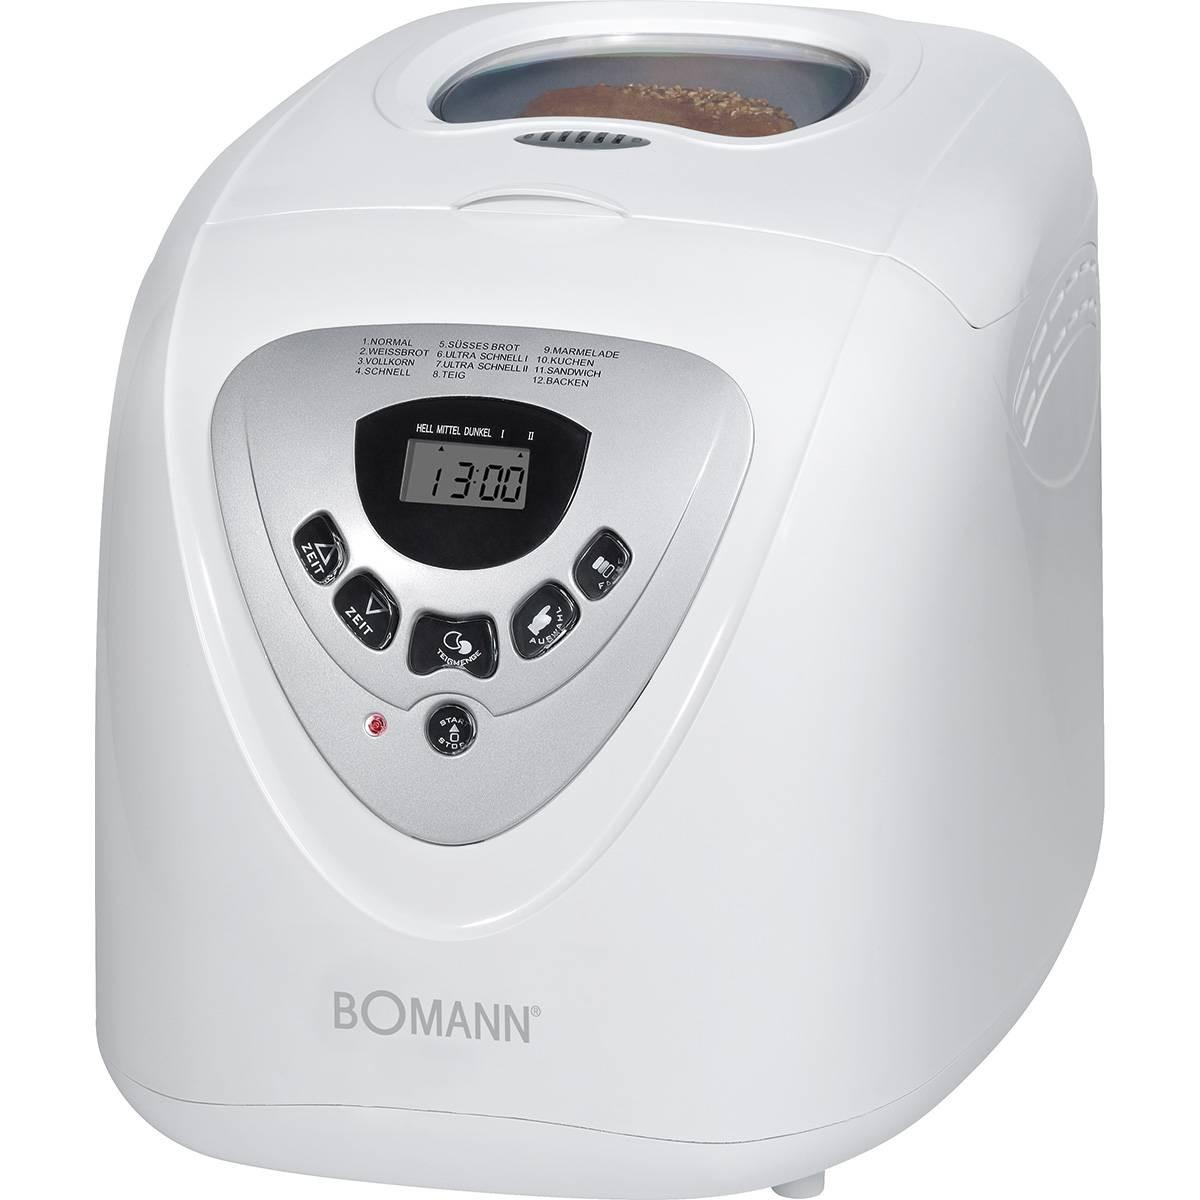 BOMANN BBA 566 - Panificadora programable, capacidad 1 kg, 12 programas cocción, 39 posibilidades, 600 W, color blanco